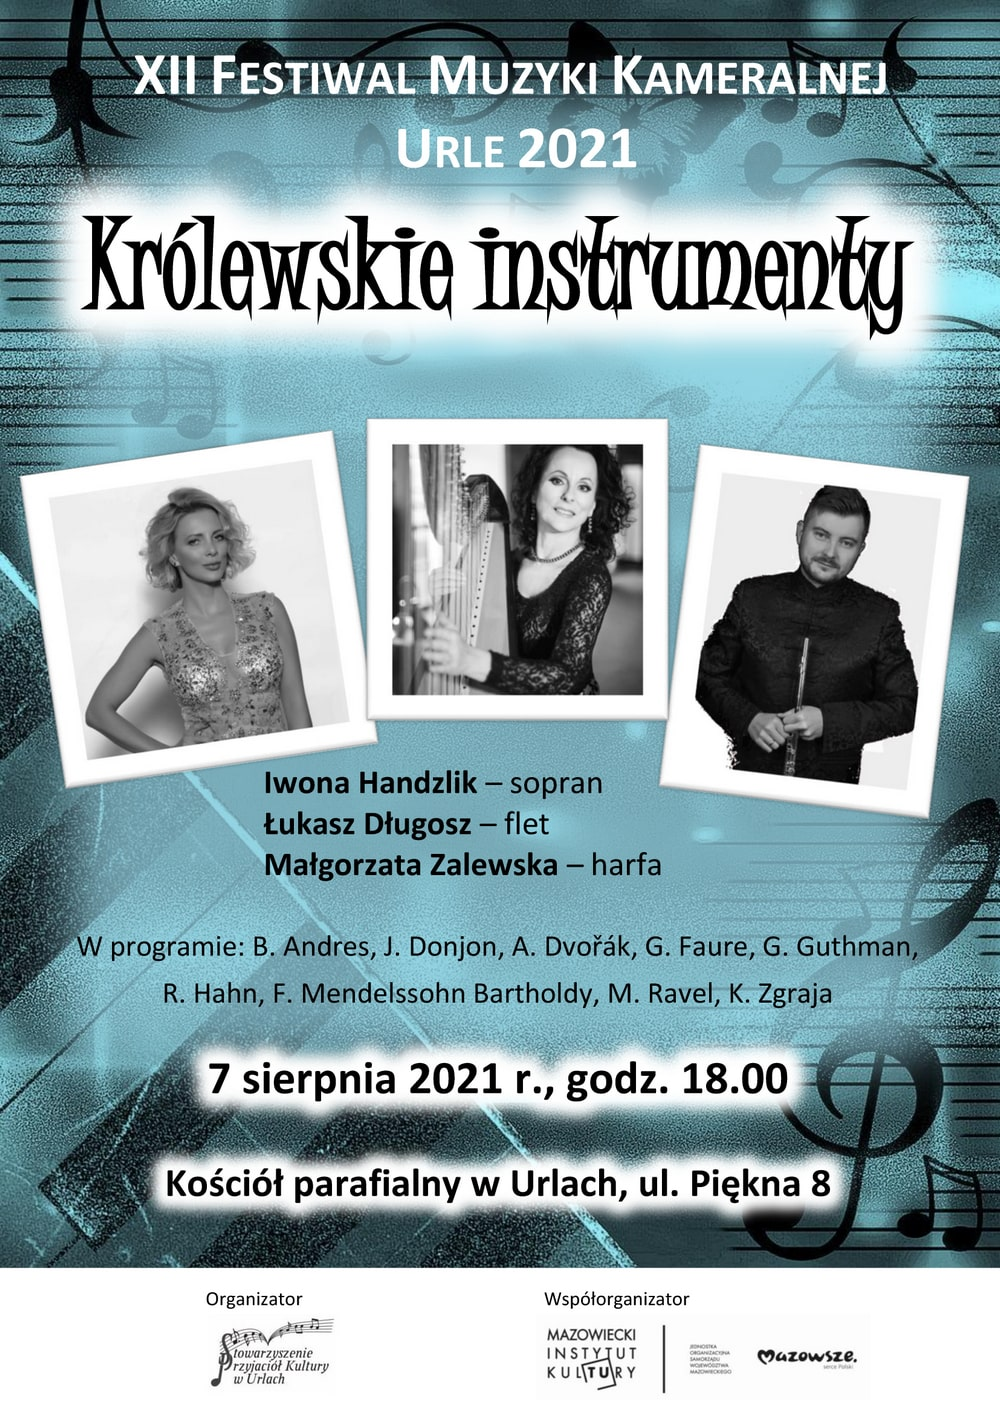 plakat: zdjęcia wykonawców oraz napis festiwal muzyki kameralnej w urlach